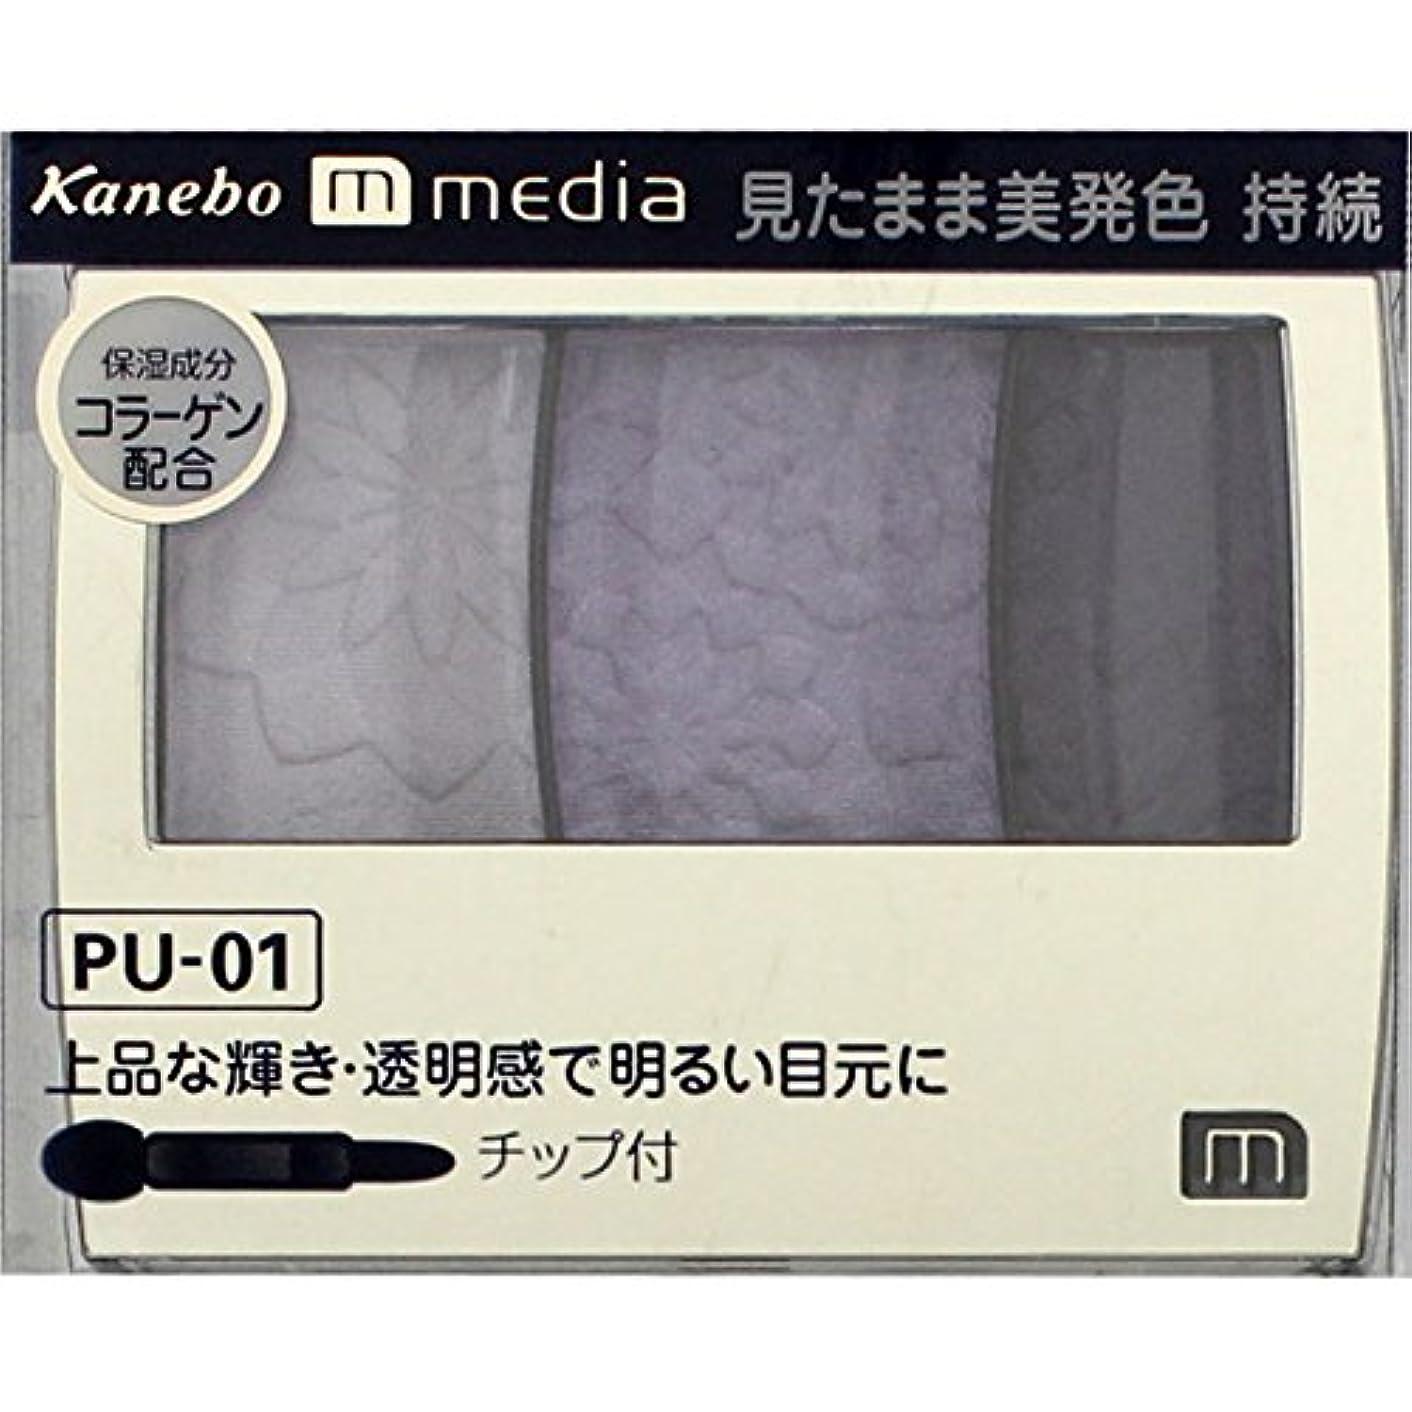 ファイバ変更減衰カネボウ メディア(media)グラデカラーアイシャドウ カラー:PU-01